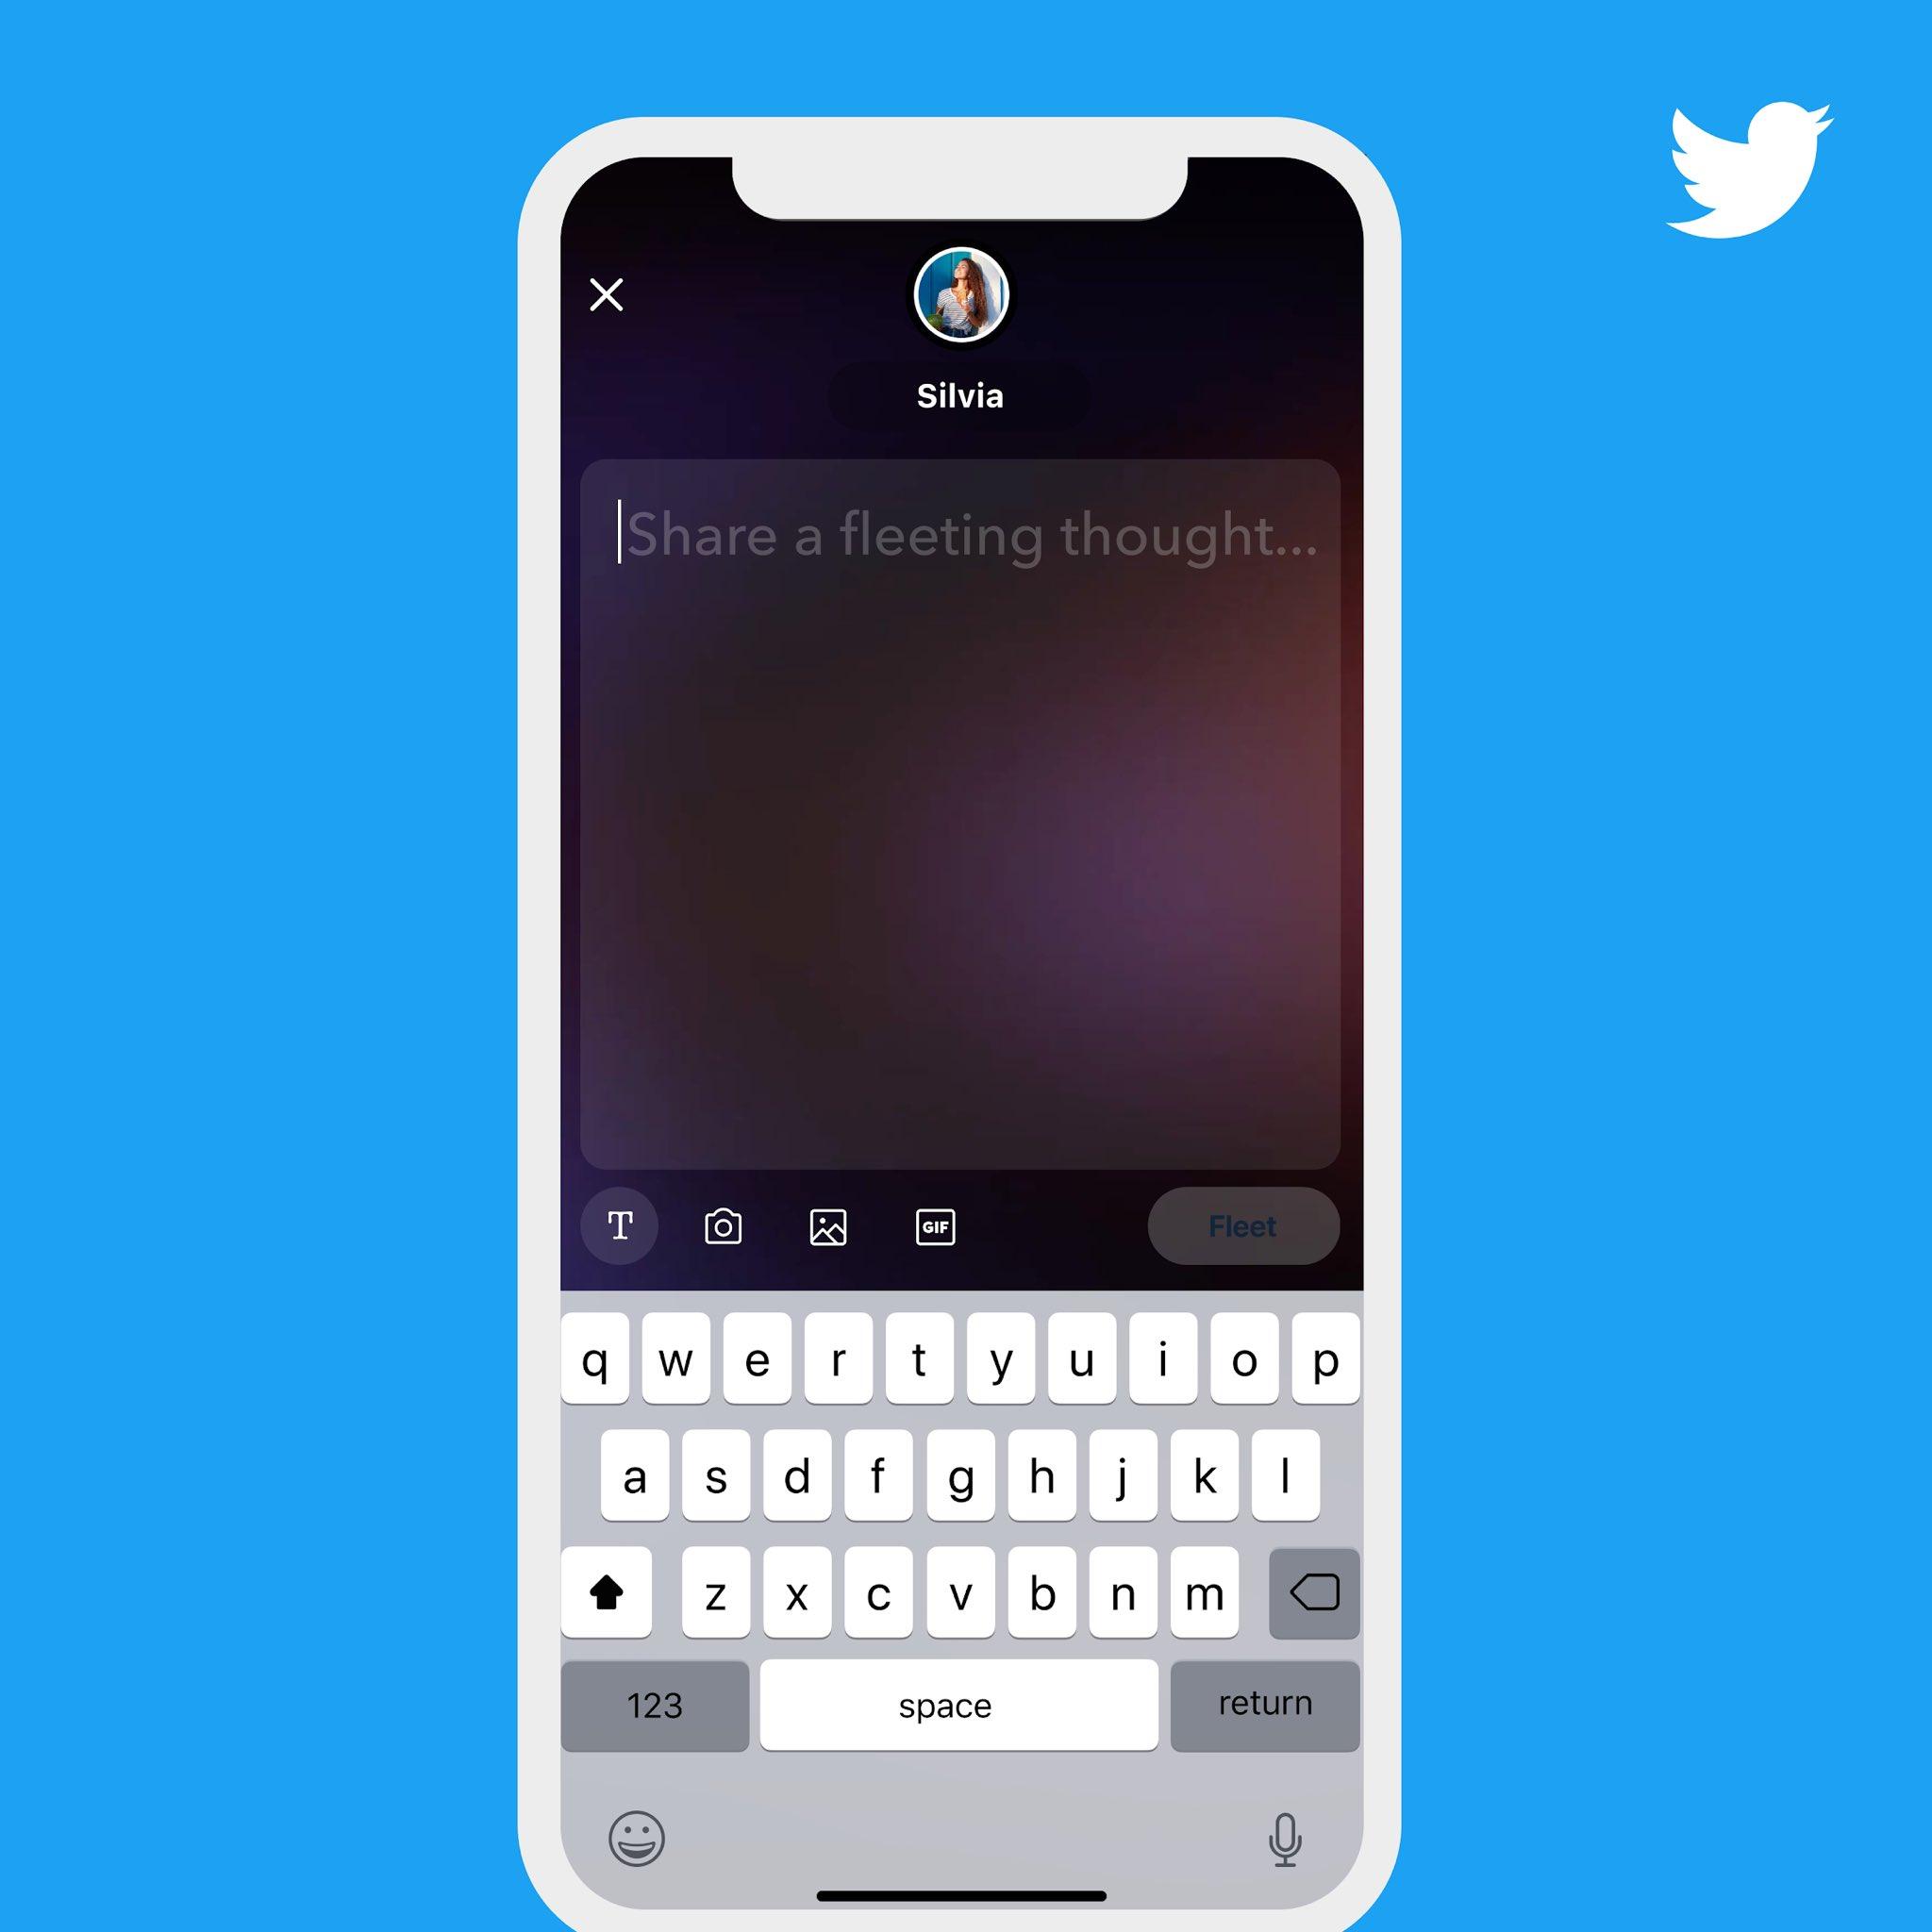 Po rozkliknutí ikony + bude možné do nově otevřeného pole přidávat text, fotografie, videa či GIFy, zdroj: Twitter.